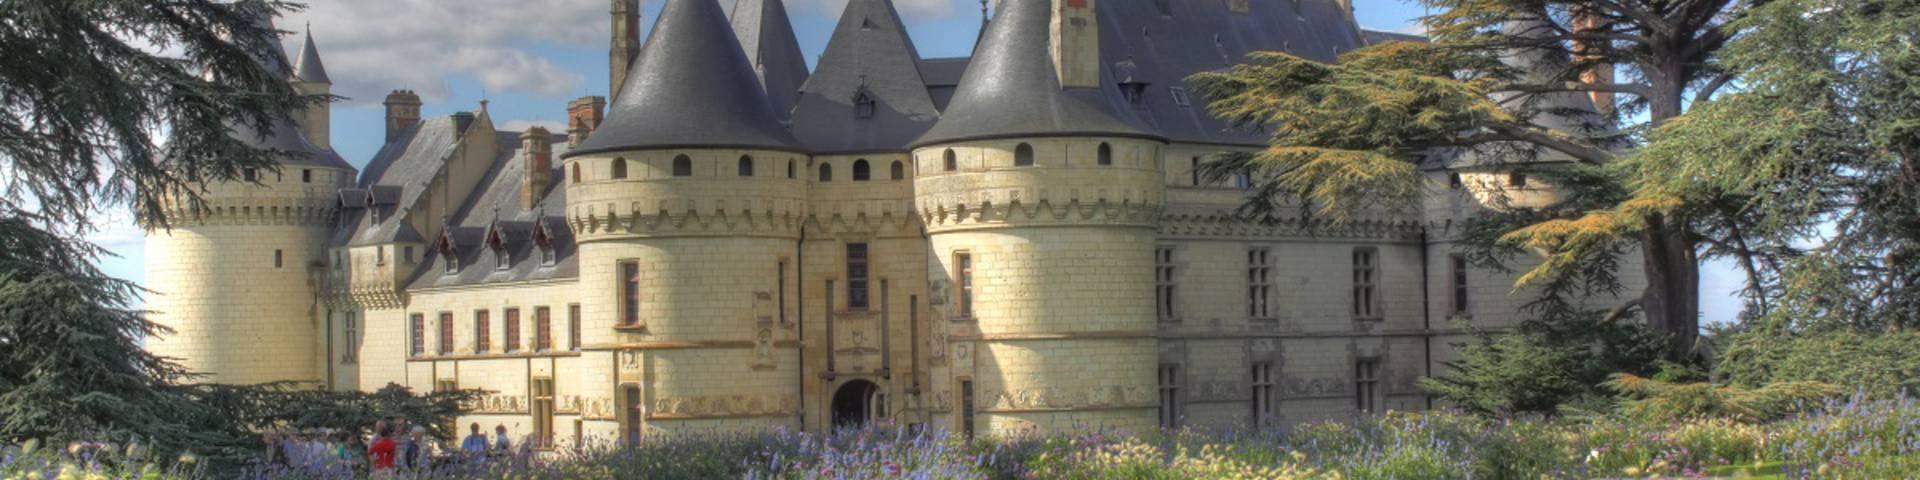 Le domaine de Chaumont-sur-Loire. © Loisirs Loire Valley